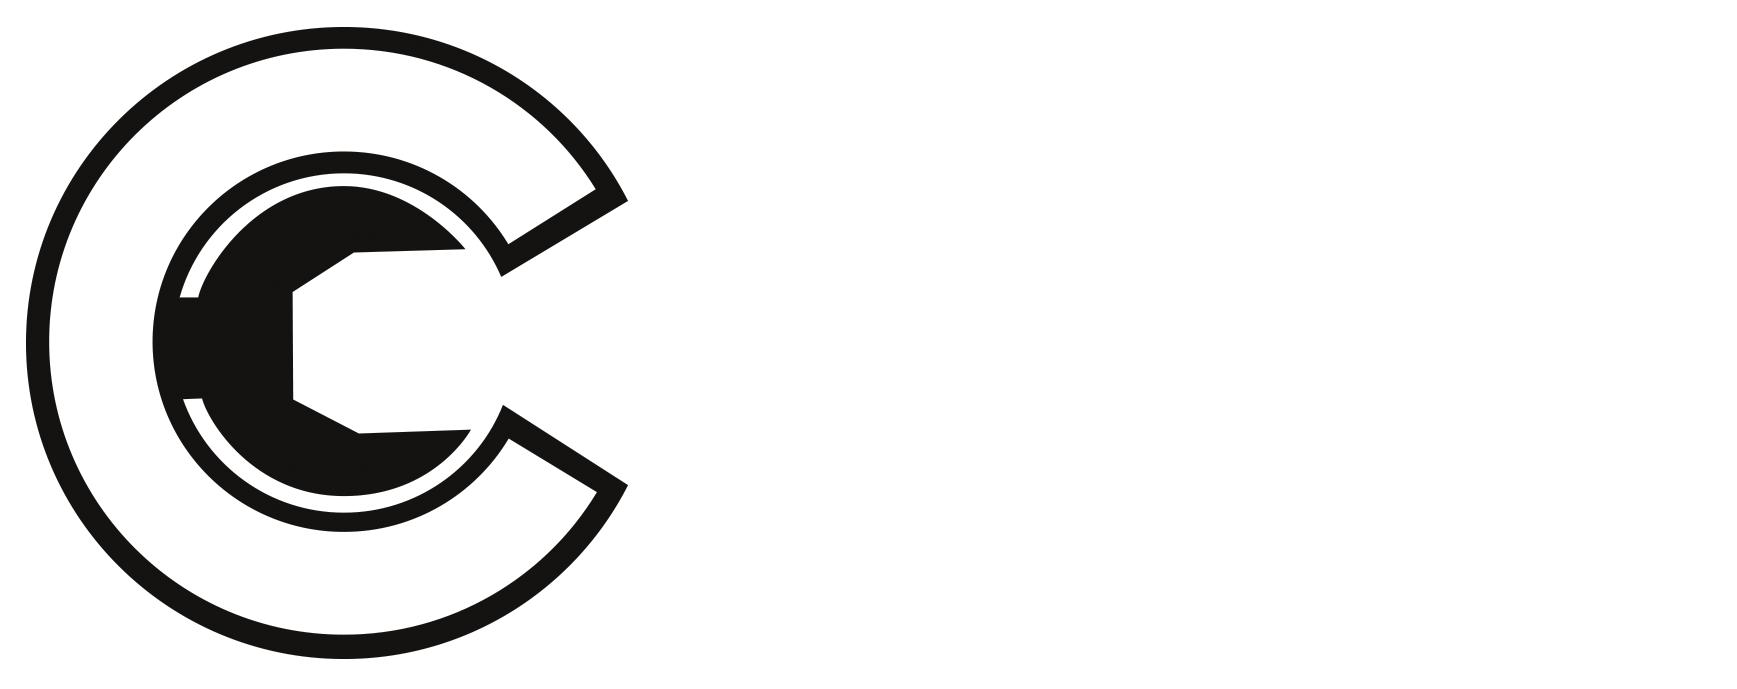 Curoso Plumbing